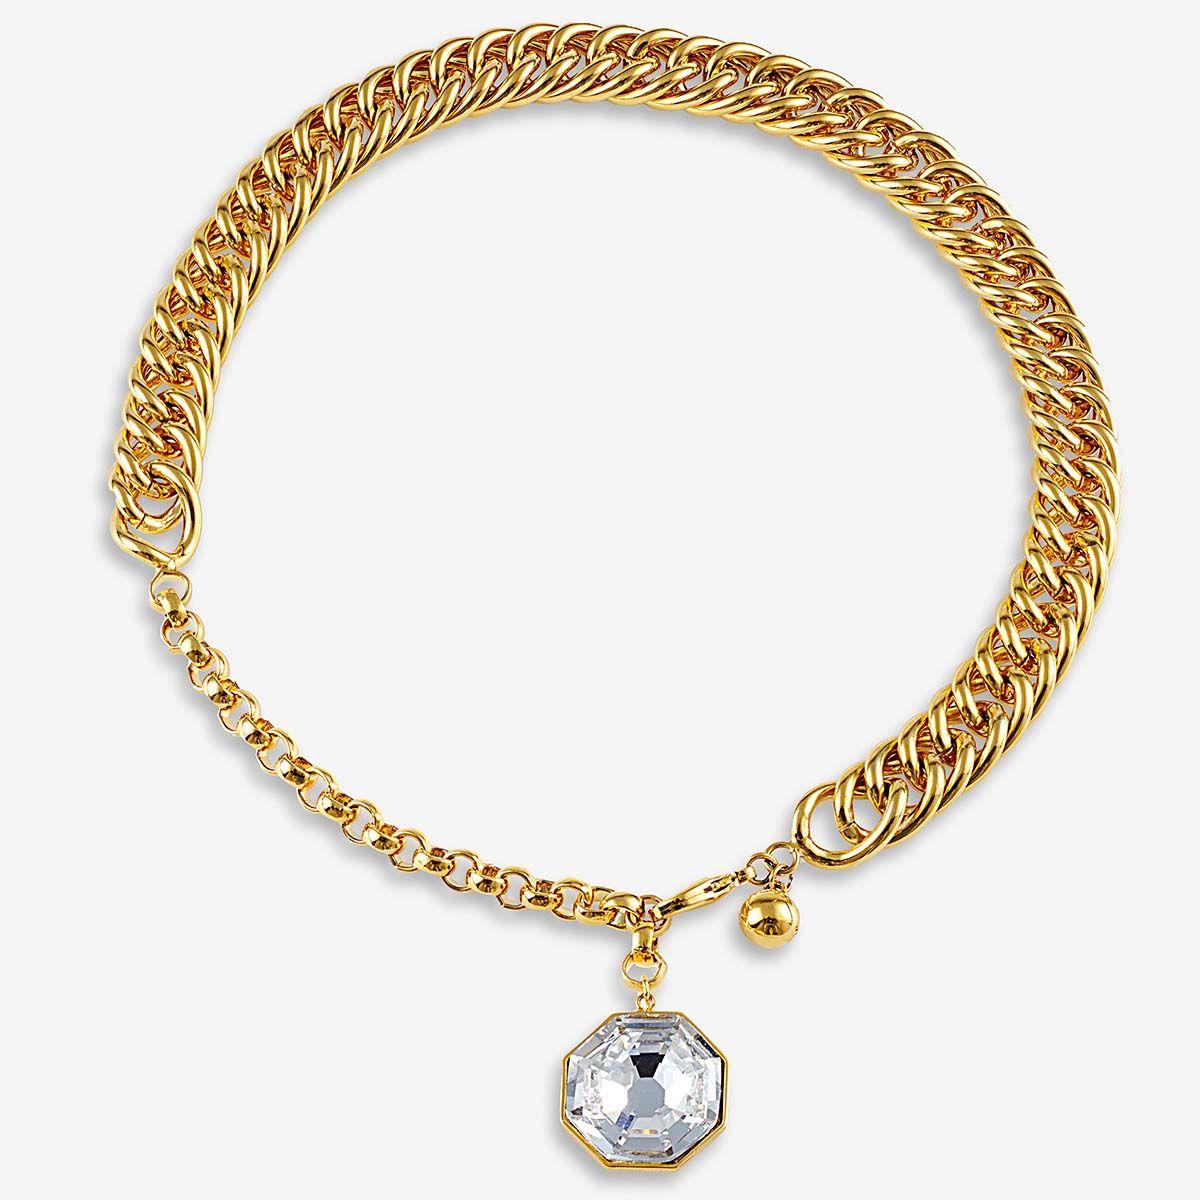 Sharon Chain Necklace - Statement-Ketten - Gold